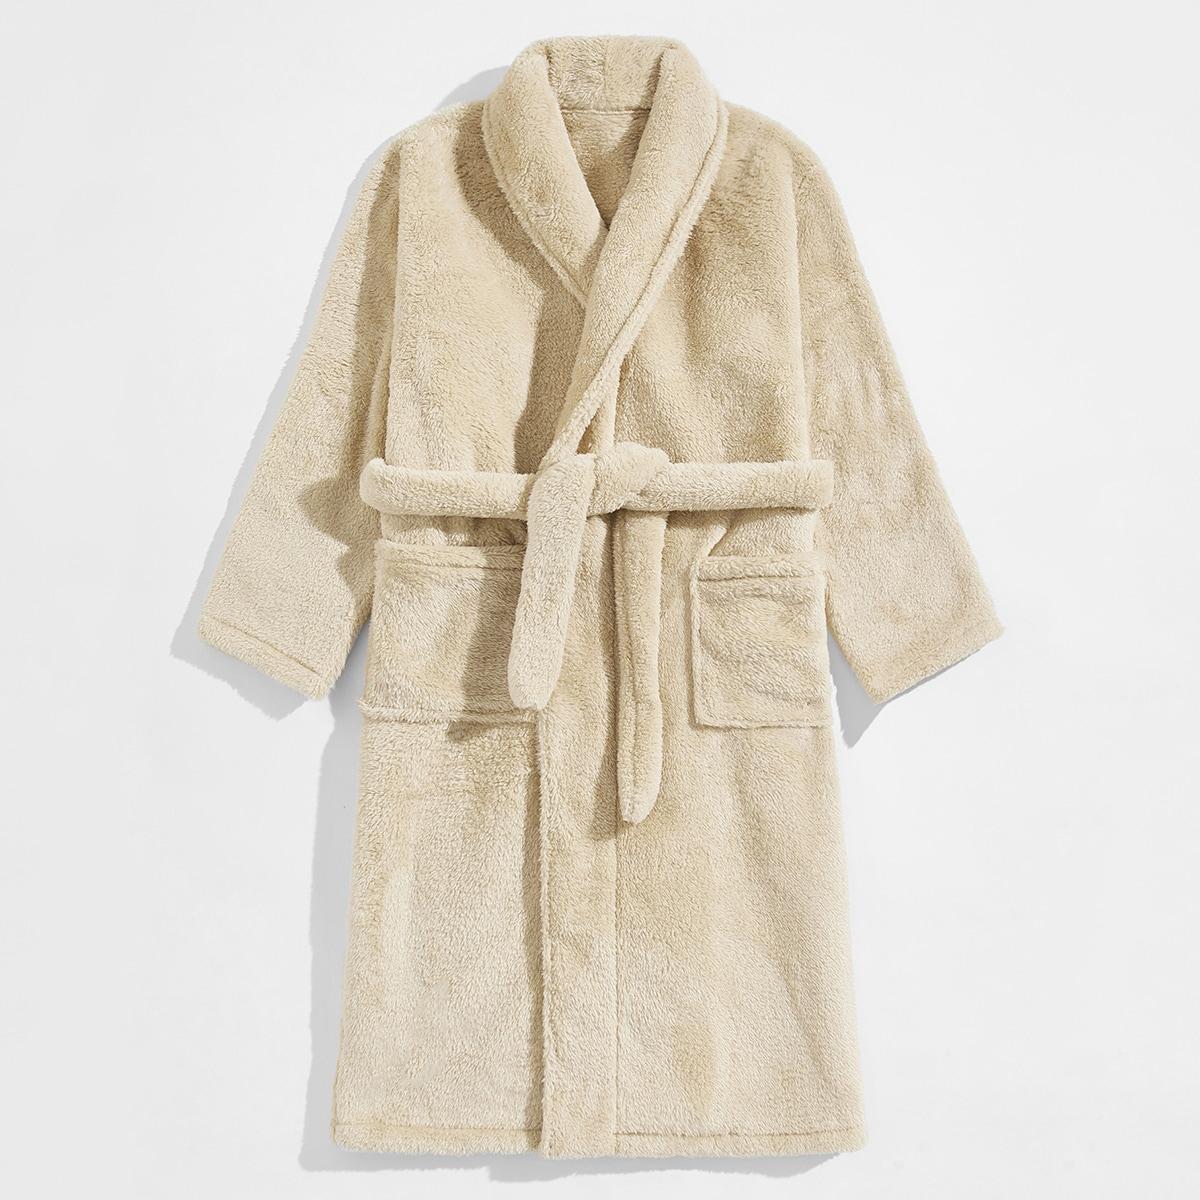 Мужской халат с двойным карманом и поясом